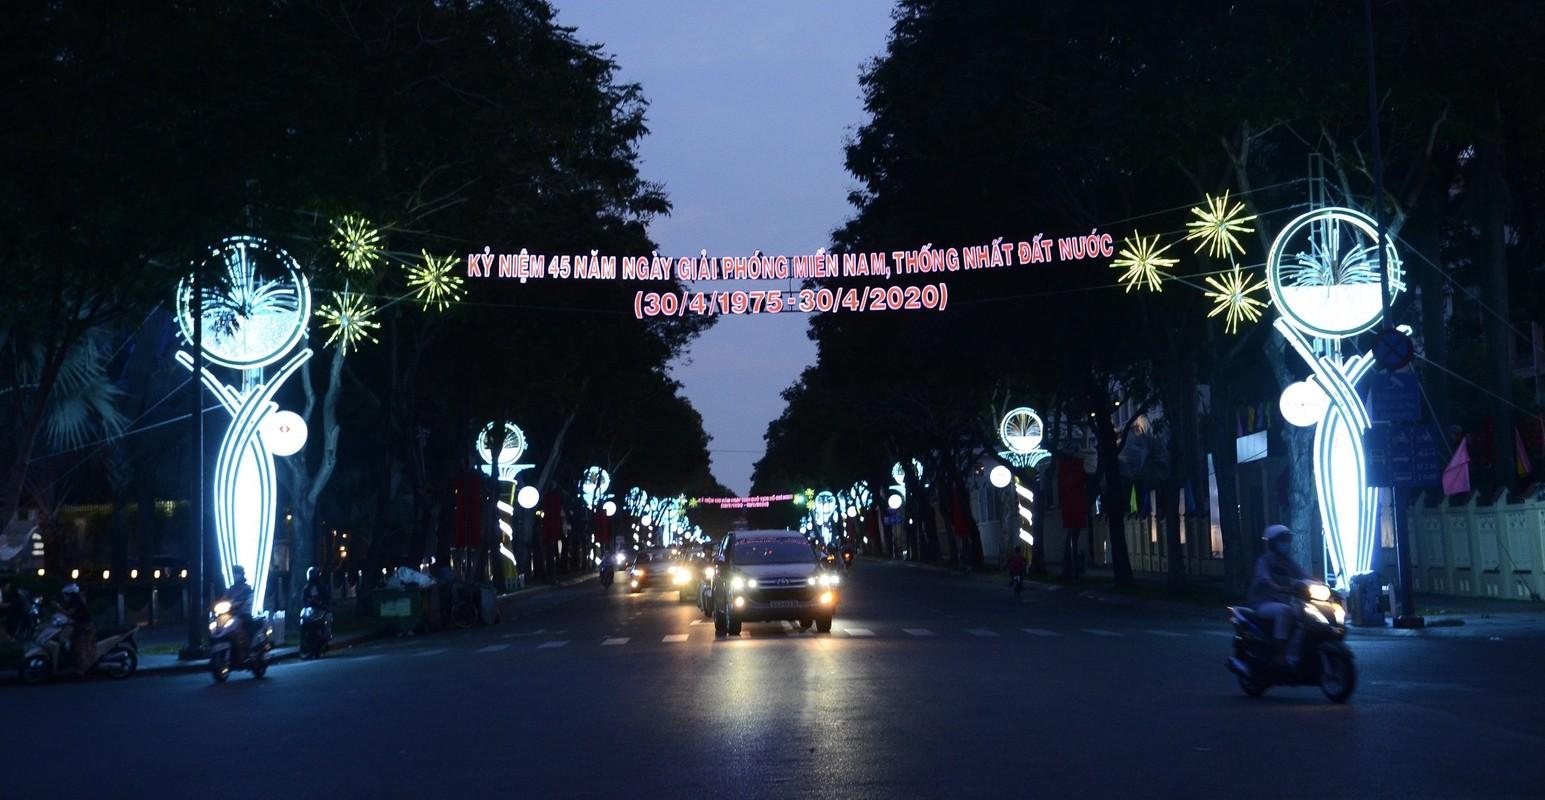 TPHCM ruc ro co hoa don mung 45 nam ngay thong nhat dat nuoc-Hinh-4